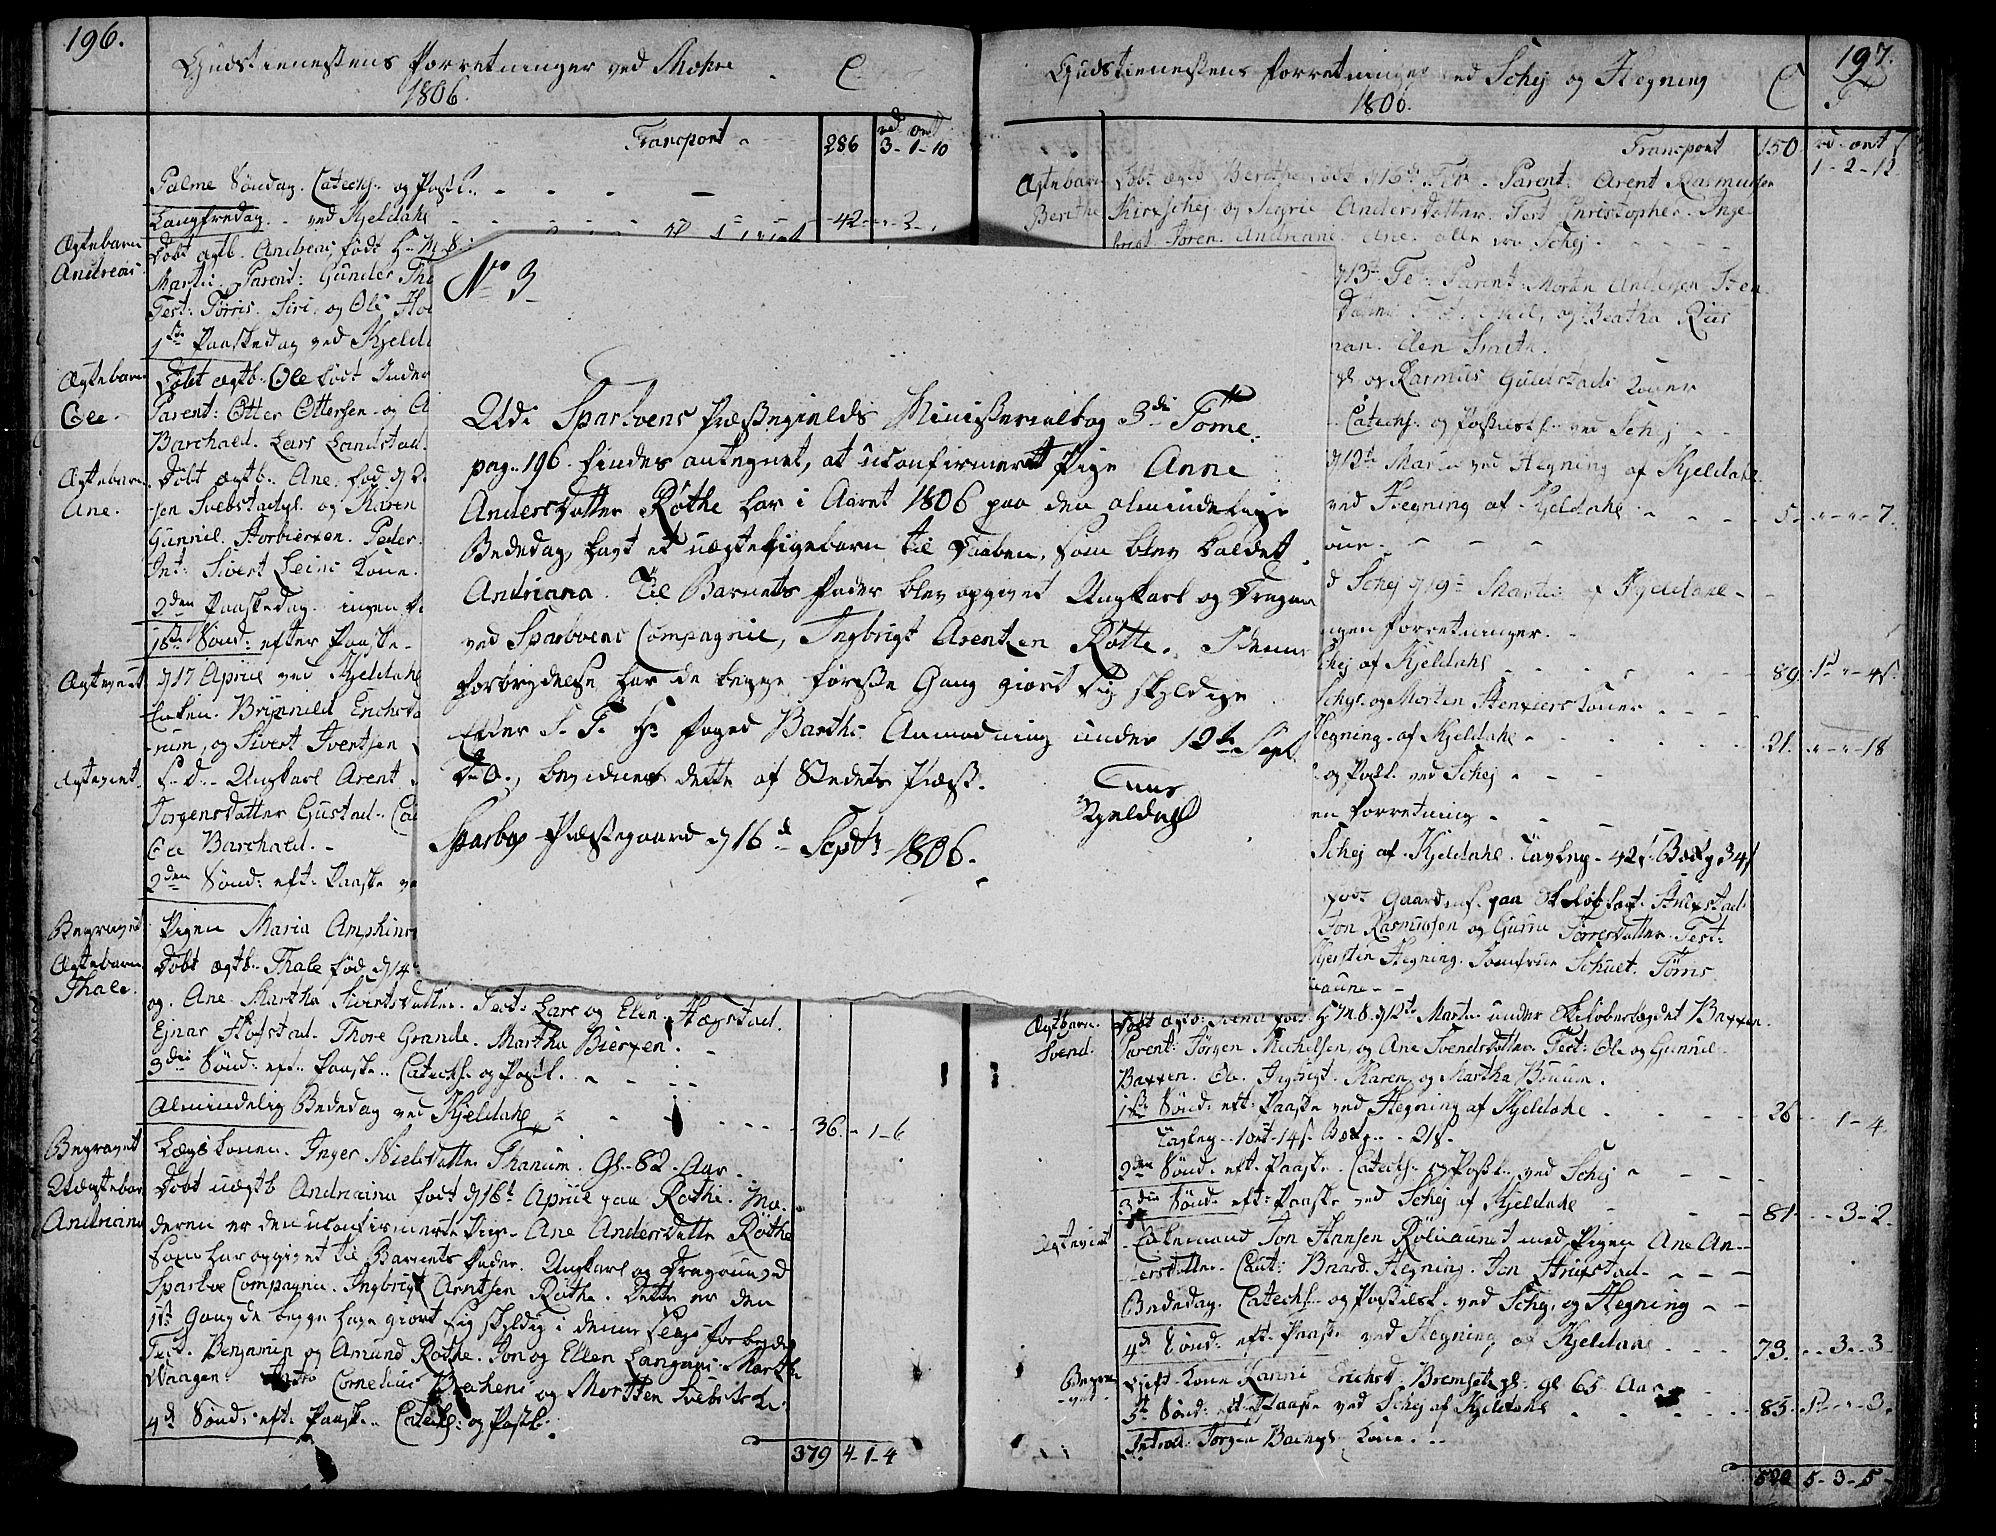 SAT, Ministerialprotokoller, klokkerbøker og fødselsregistre - Nord-Trøndelag, 735/L0332: Parish register (official) no. 735A03, 1795-1816, p. 196-197